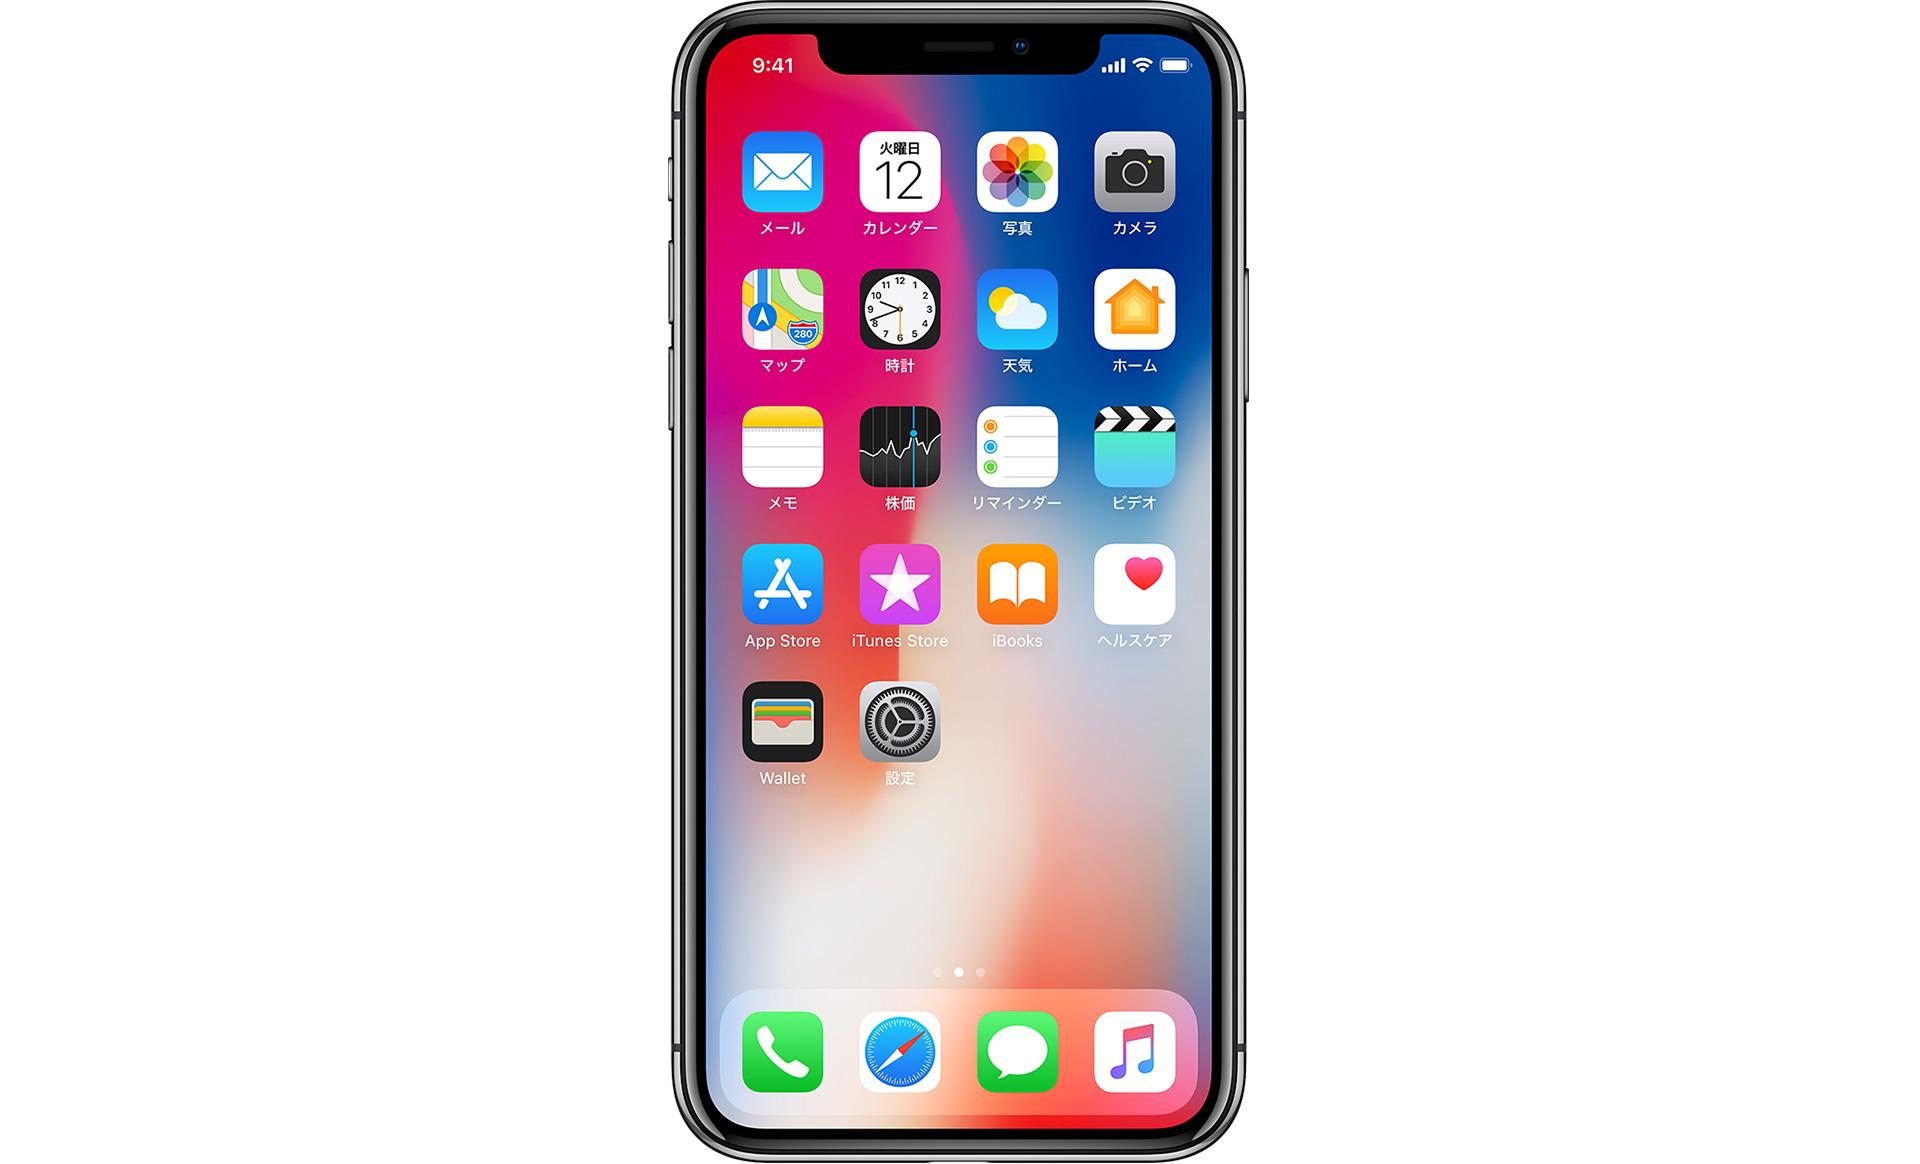 【インセ出しすぎ早期終了】おとくケータイ.netでソフトバンクiPhone8/8/X/XperiaXZs/XZ1が最大64800円値引きで一括セール中。~4/14。